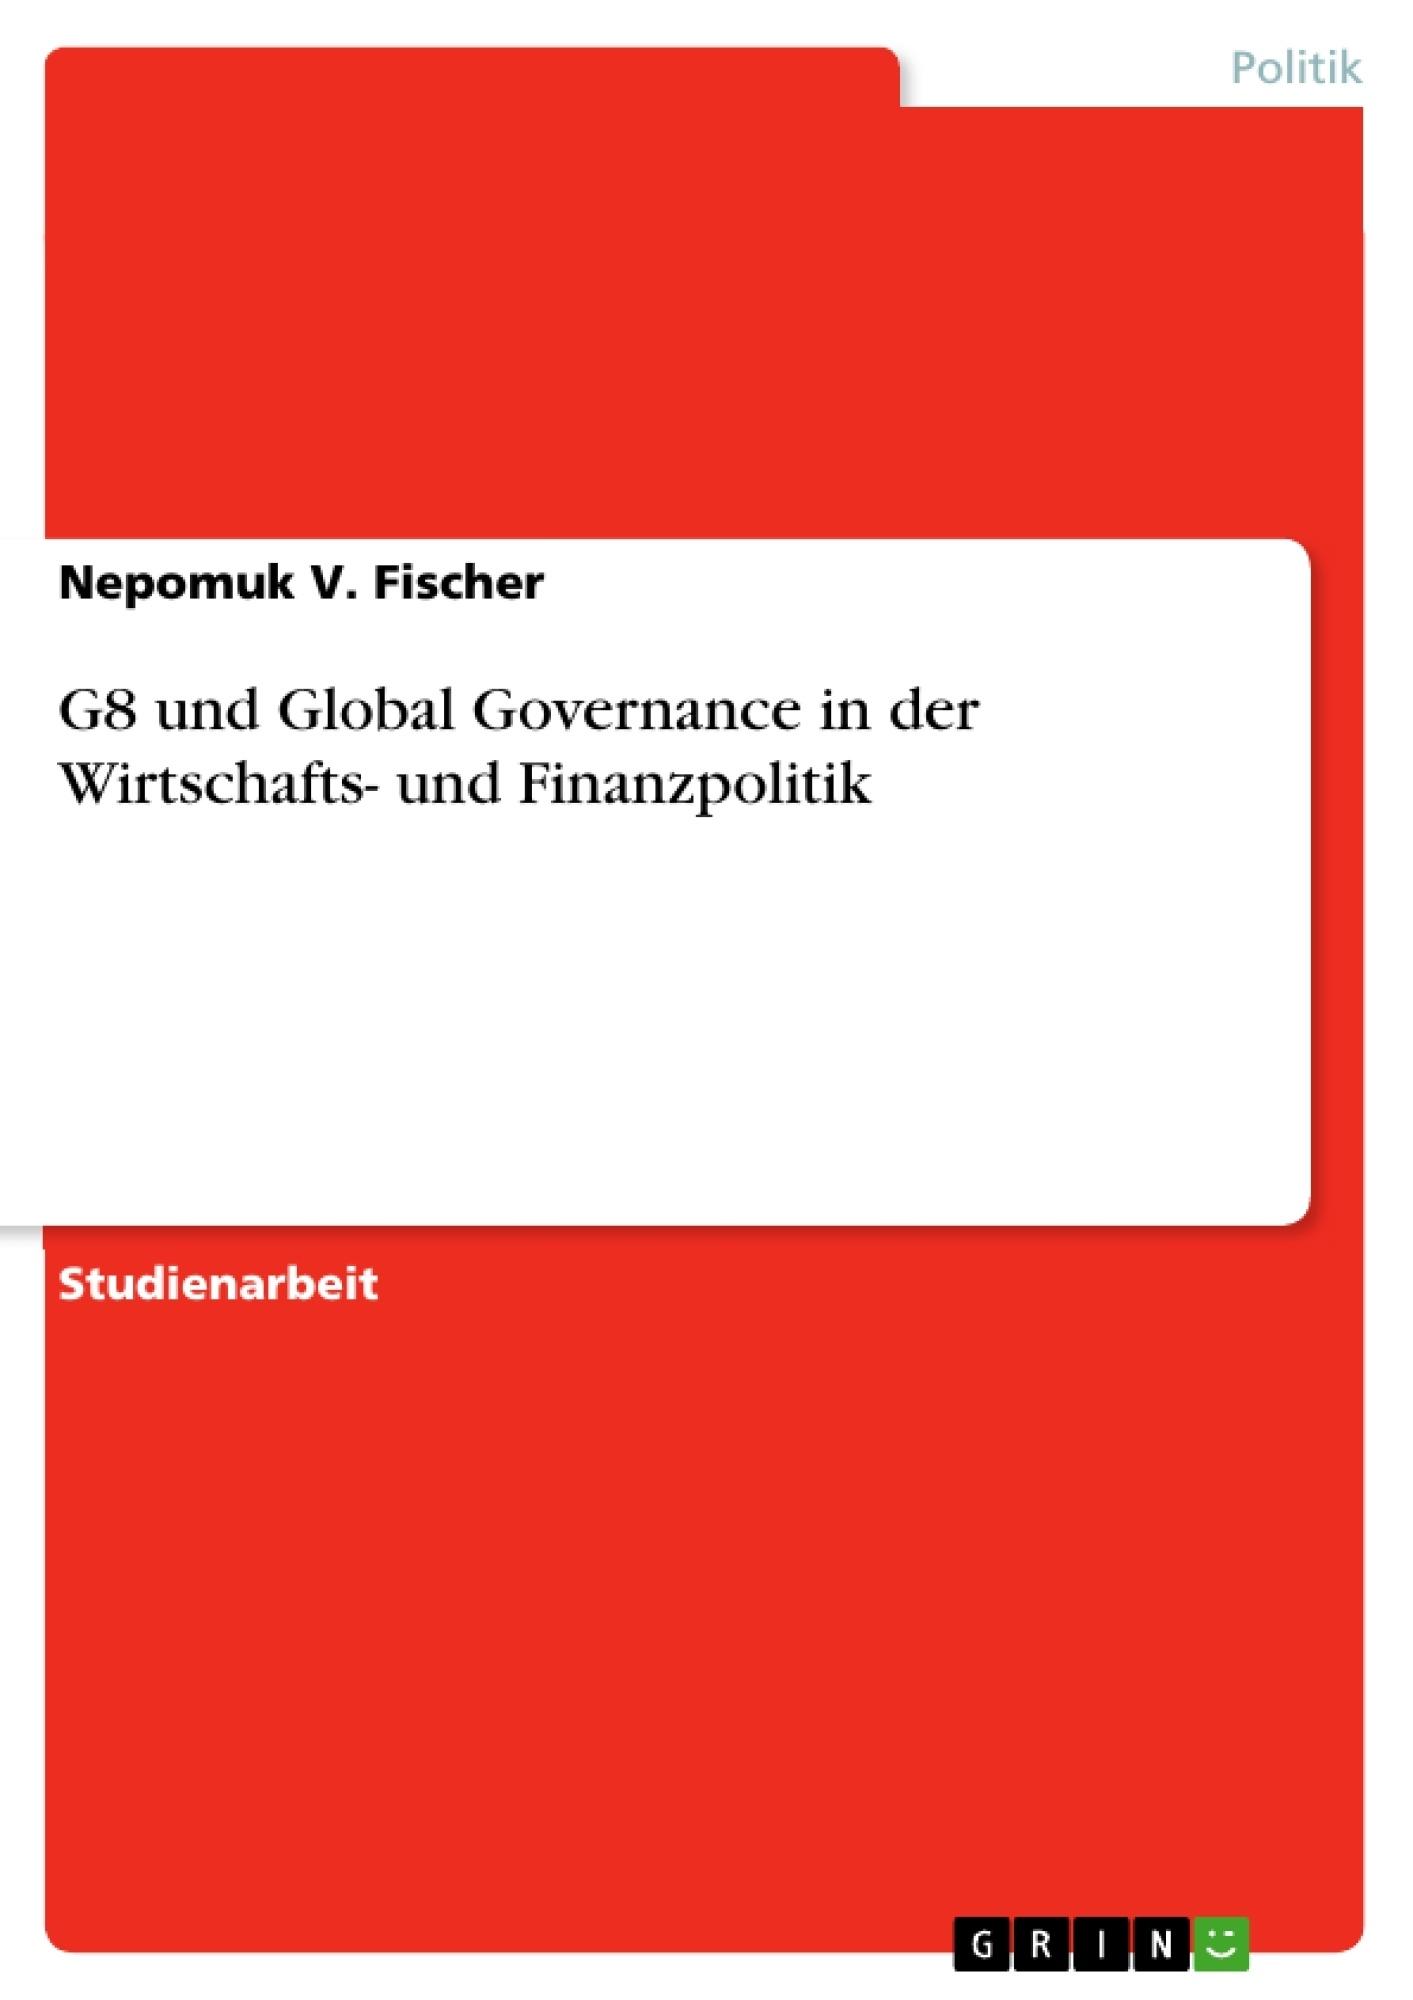 Titel: G8 und Global Governance in der Wirtschafts- und Finanzpolitik